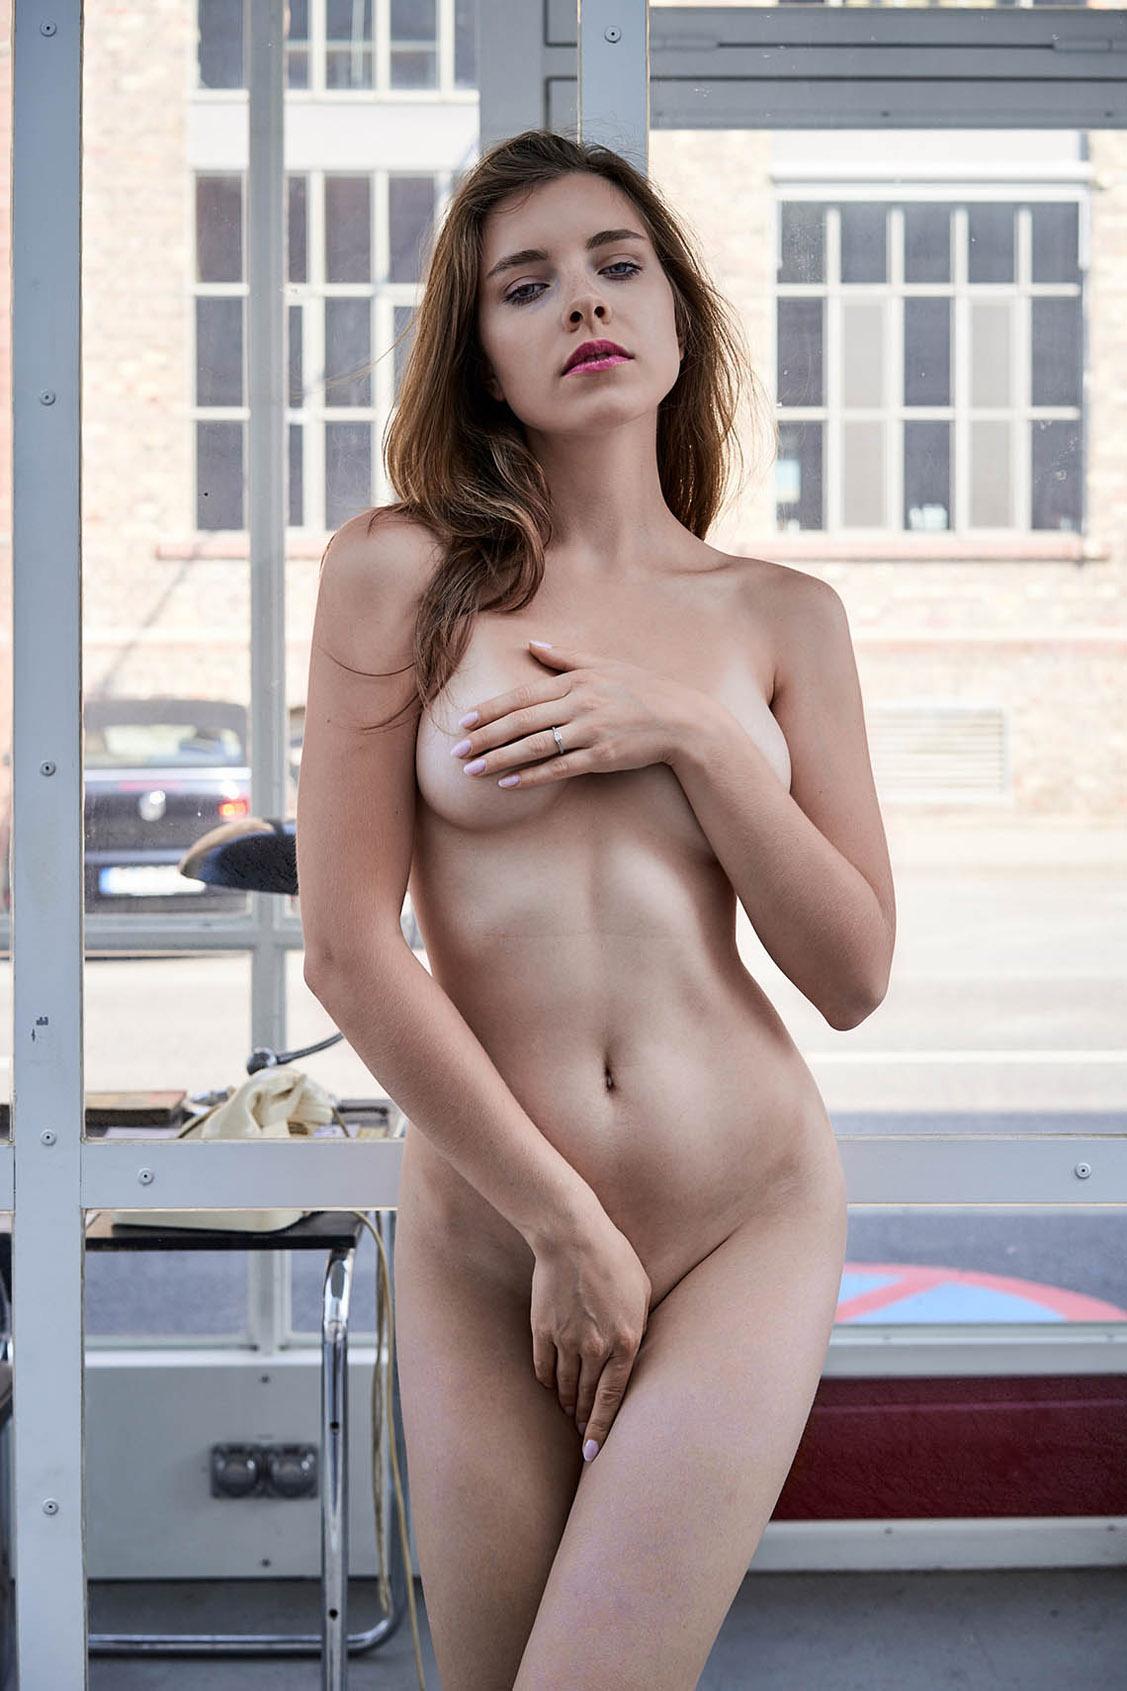 голая Катя на автозаправке / Kate Chromia by Thomas Berlin